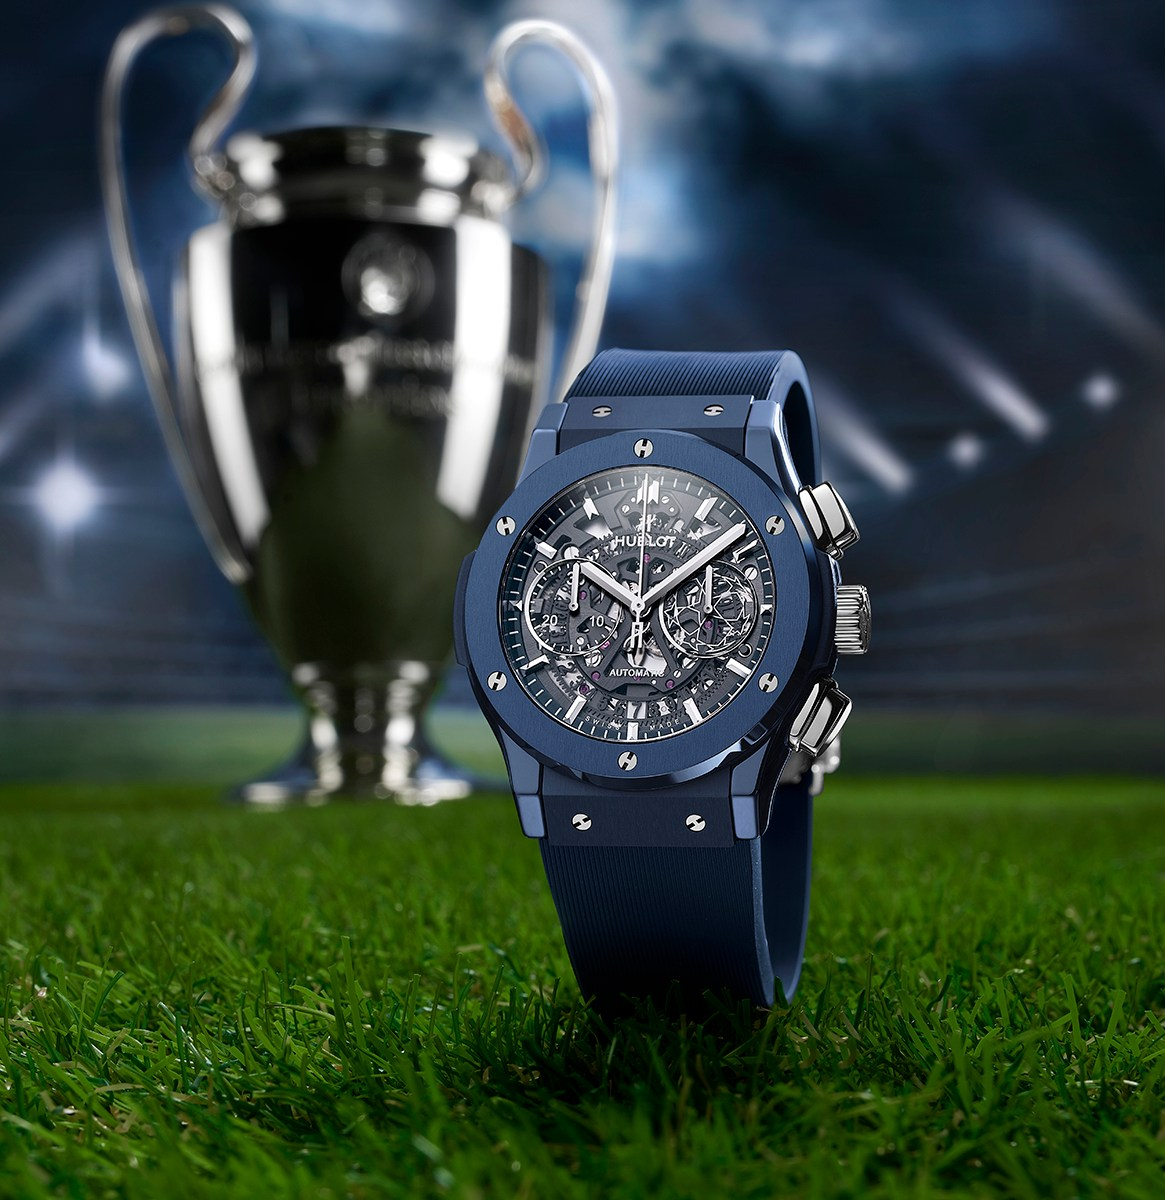 Sclassic Fusion Aerofusion Chronograph Uefa Champions League 2 Jpg.